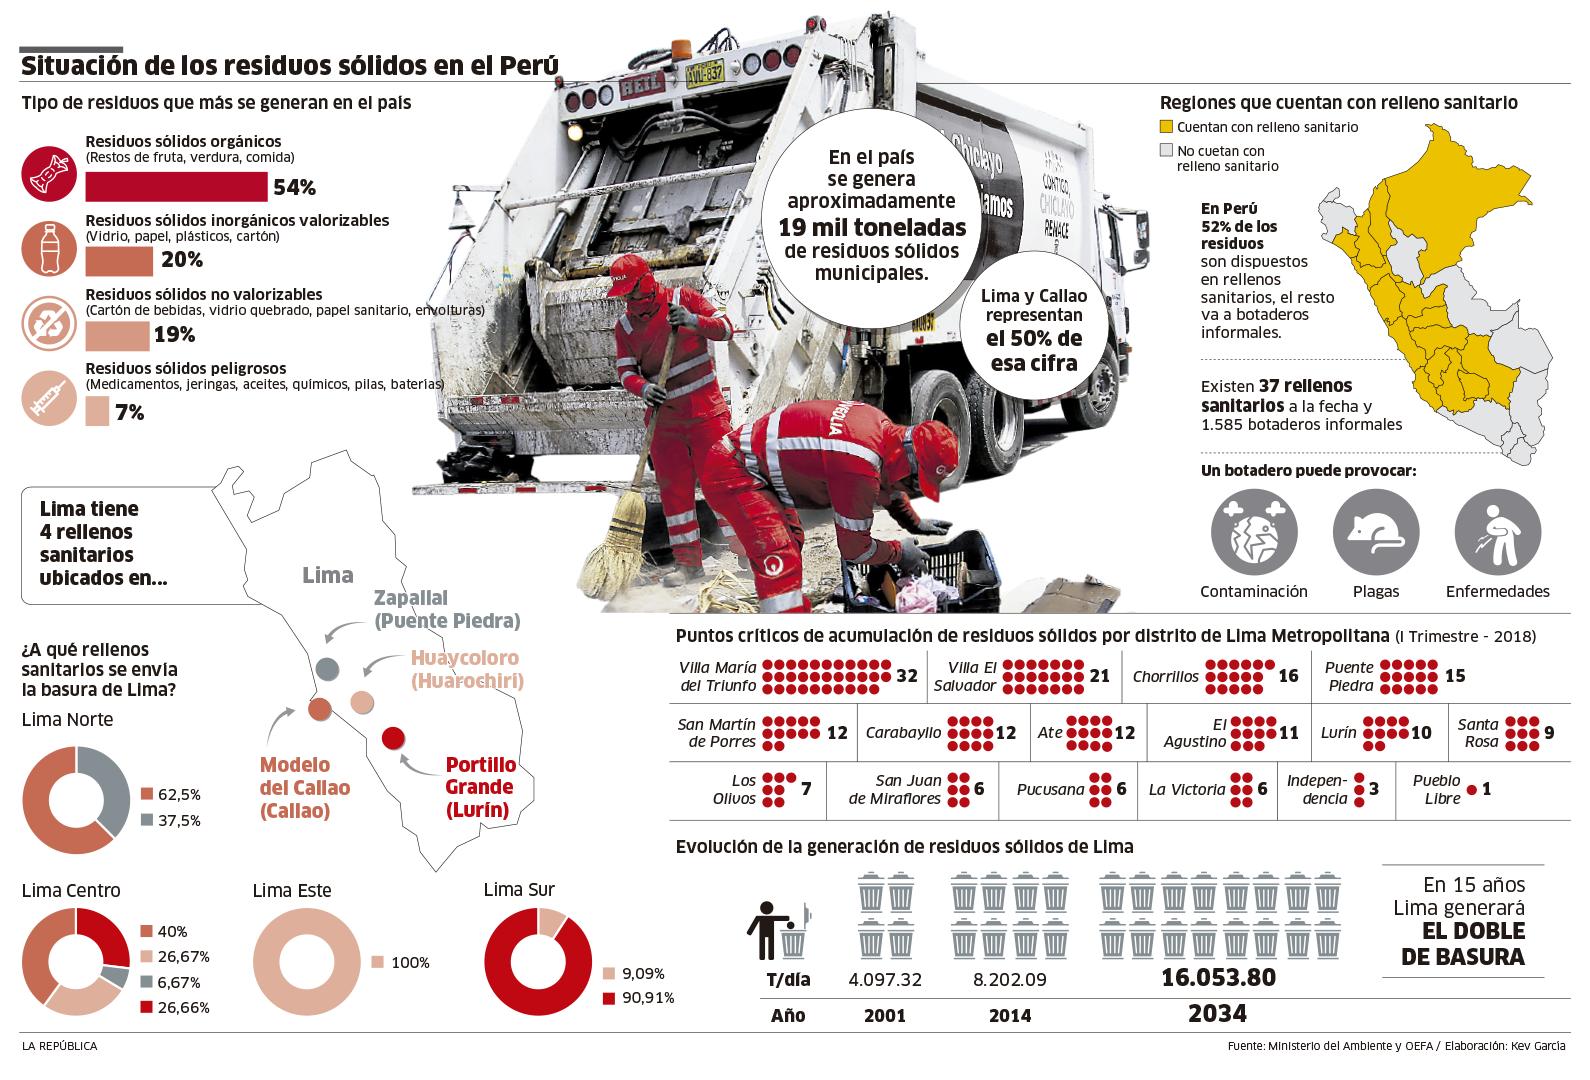 Situación de los residuos sólidos en el Perú.